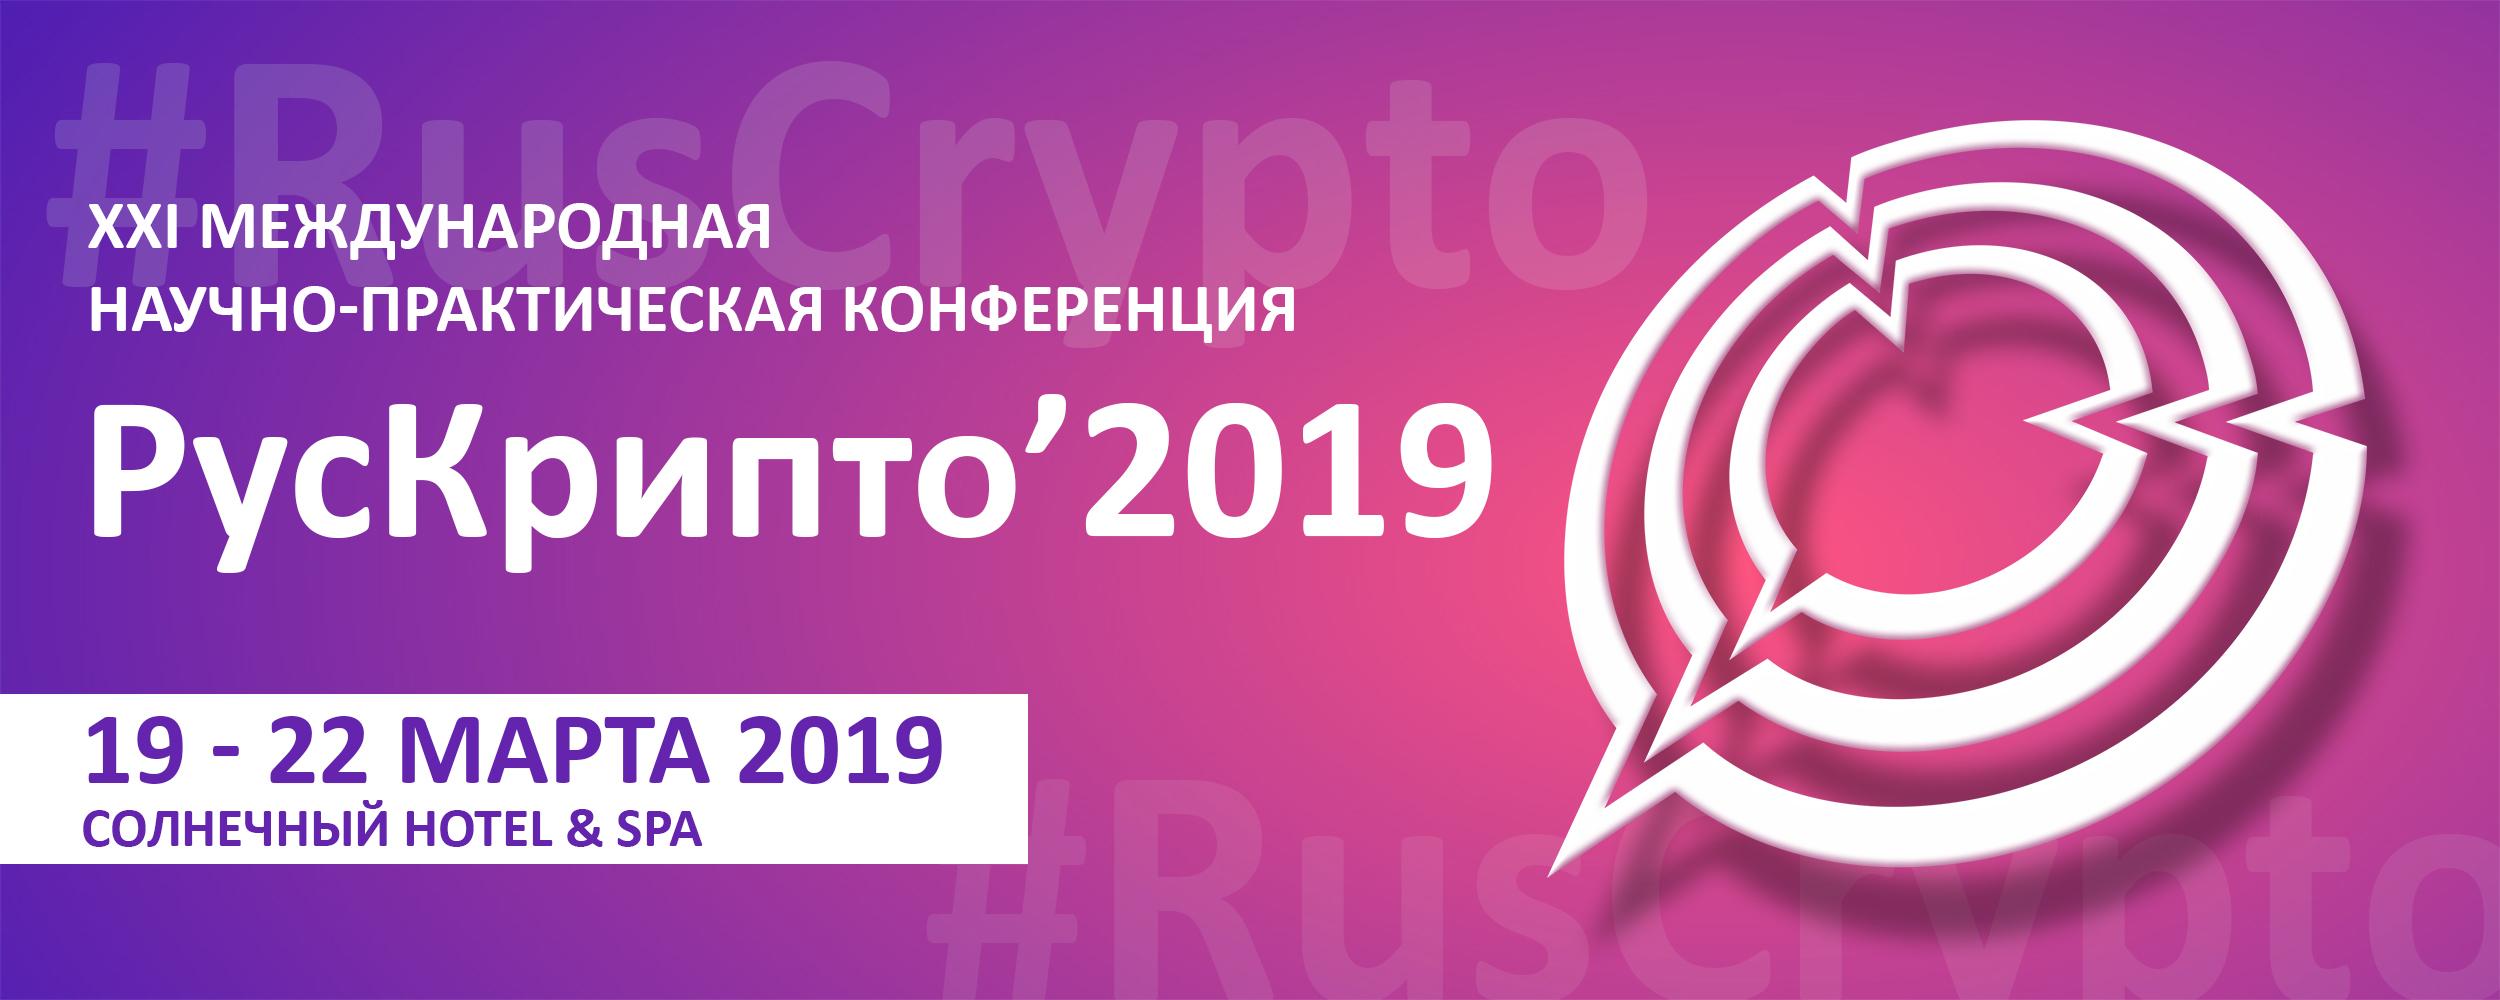 Новая секция конференции РусКрипто